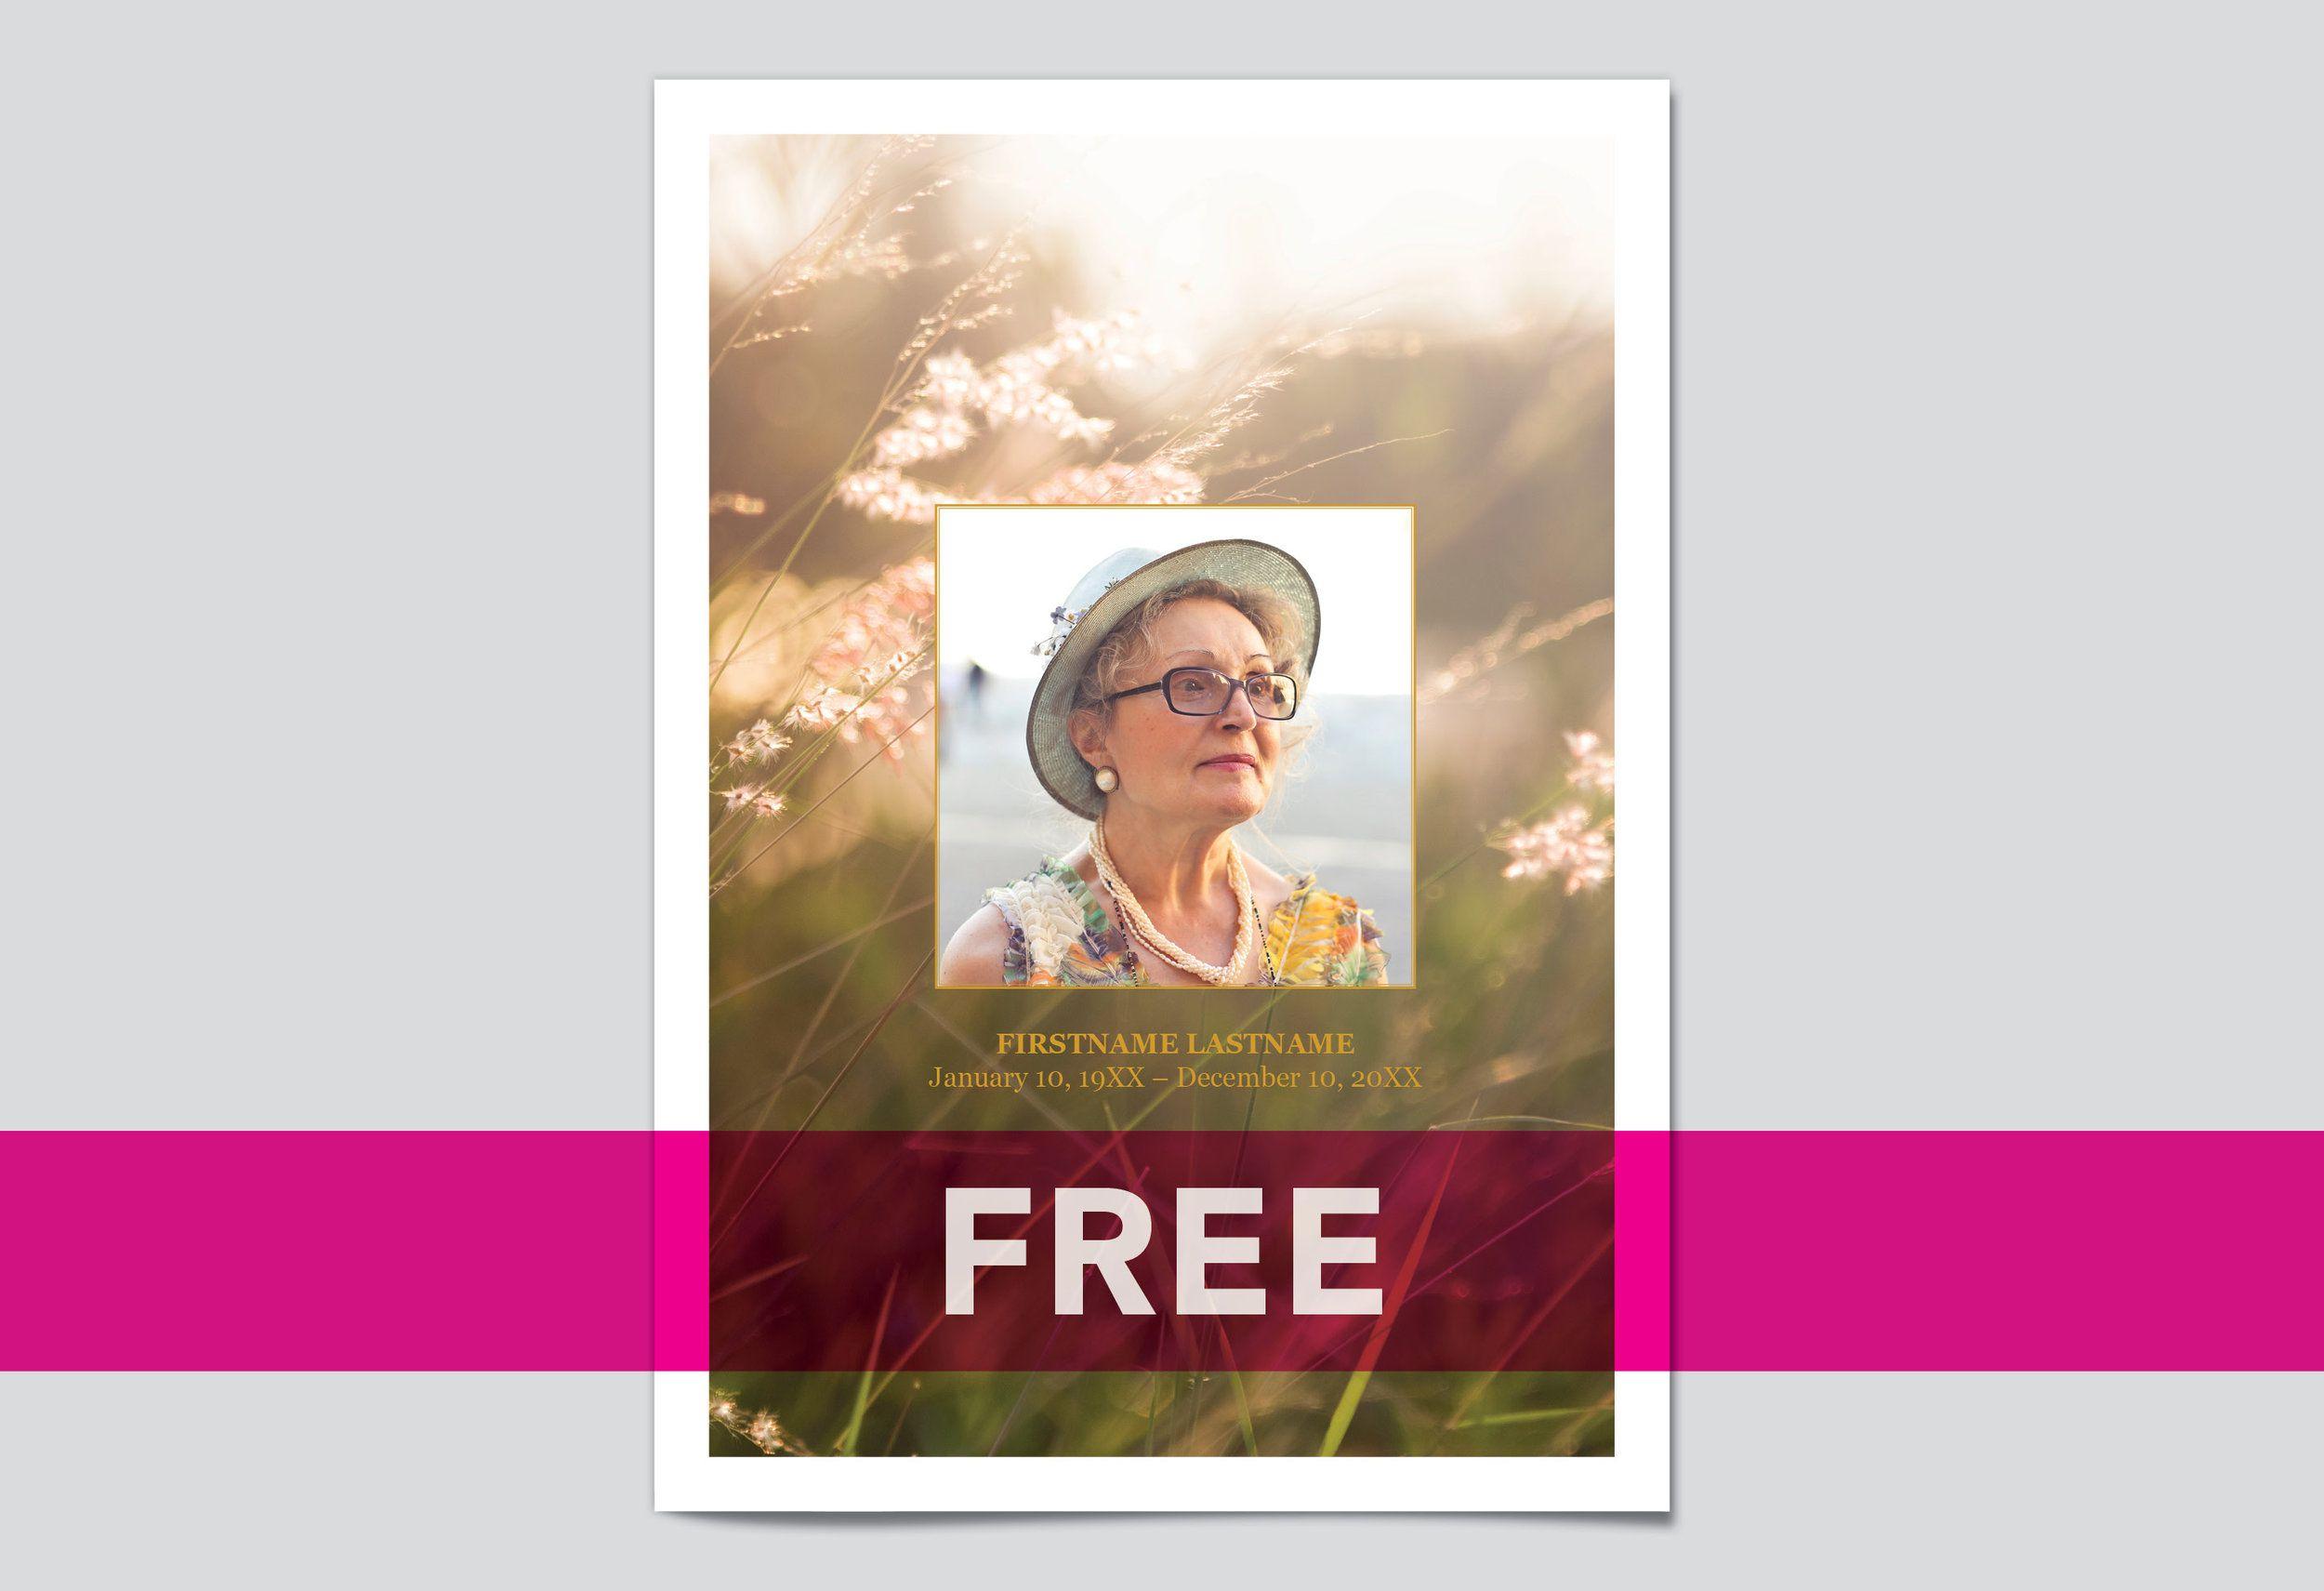 009 Dreaded Memorial Card Template Free Download Photo Full